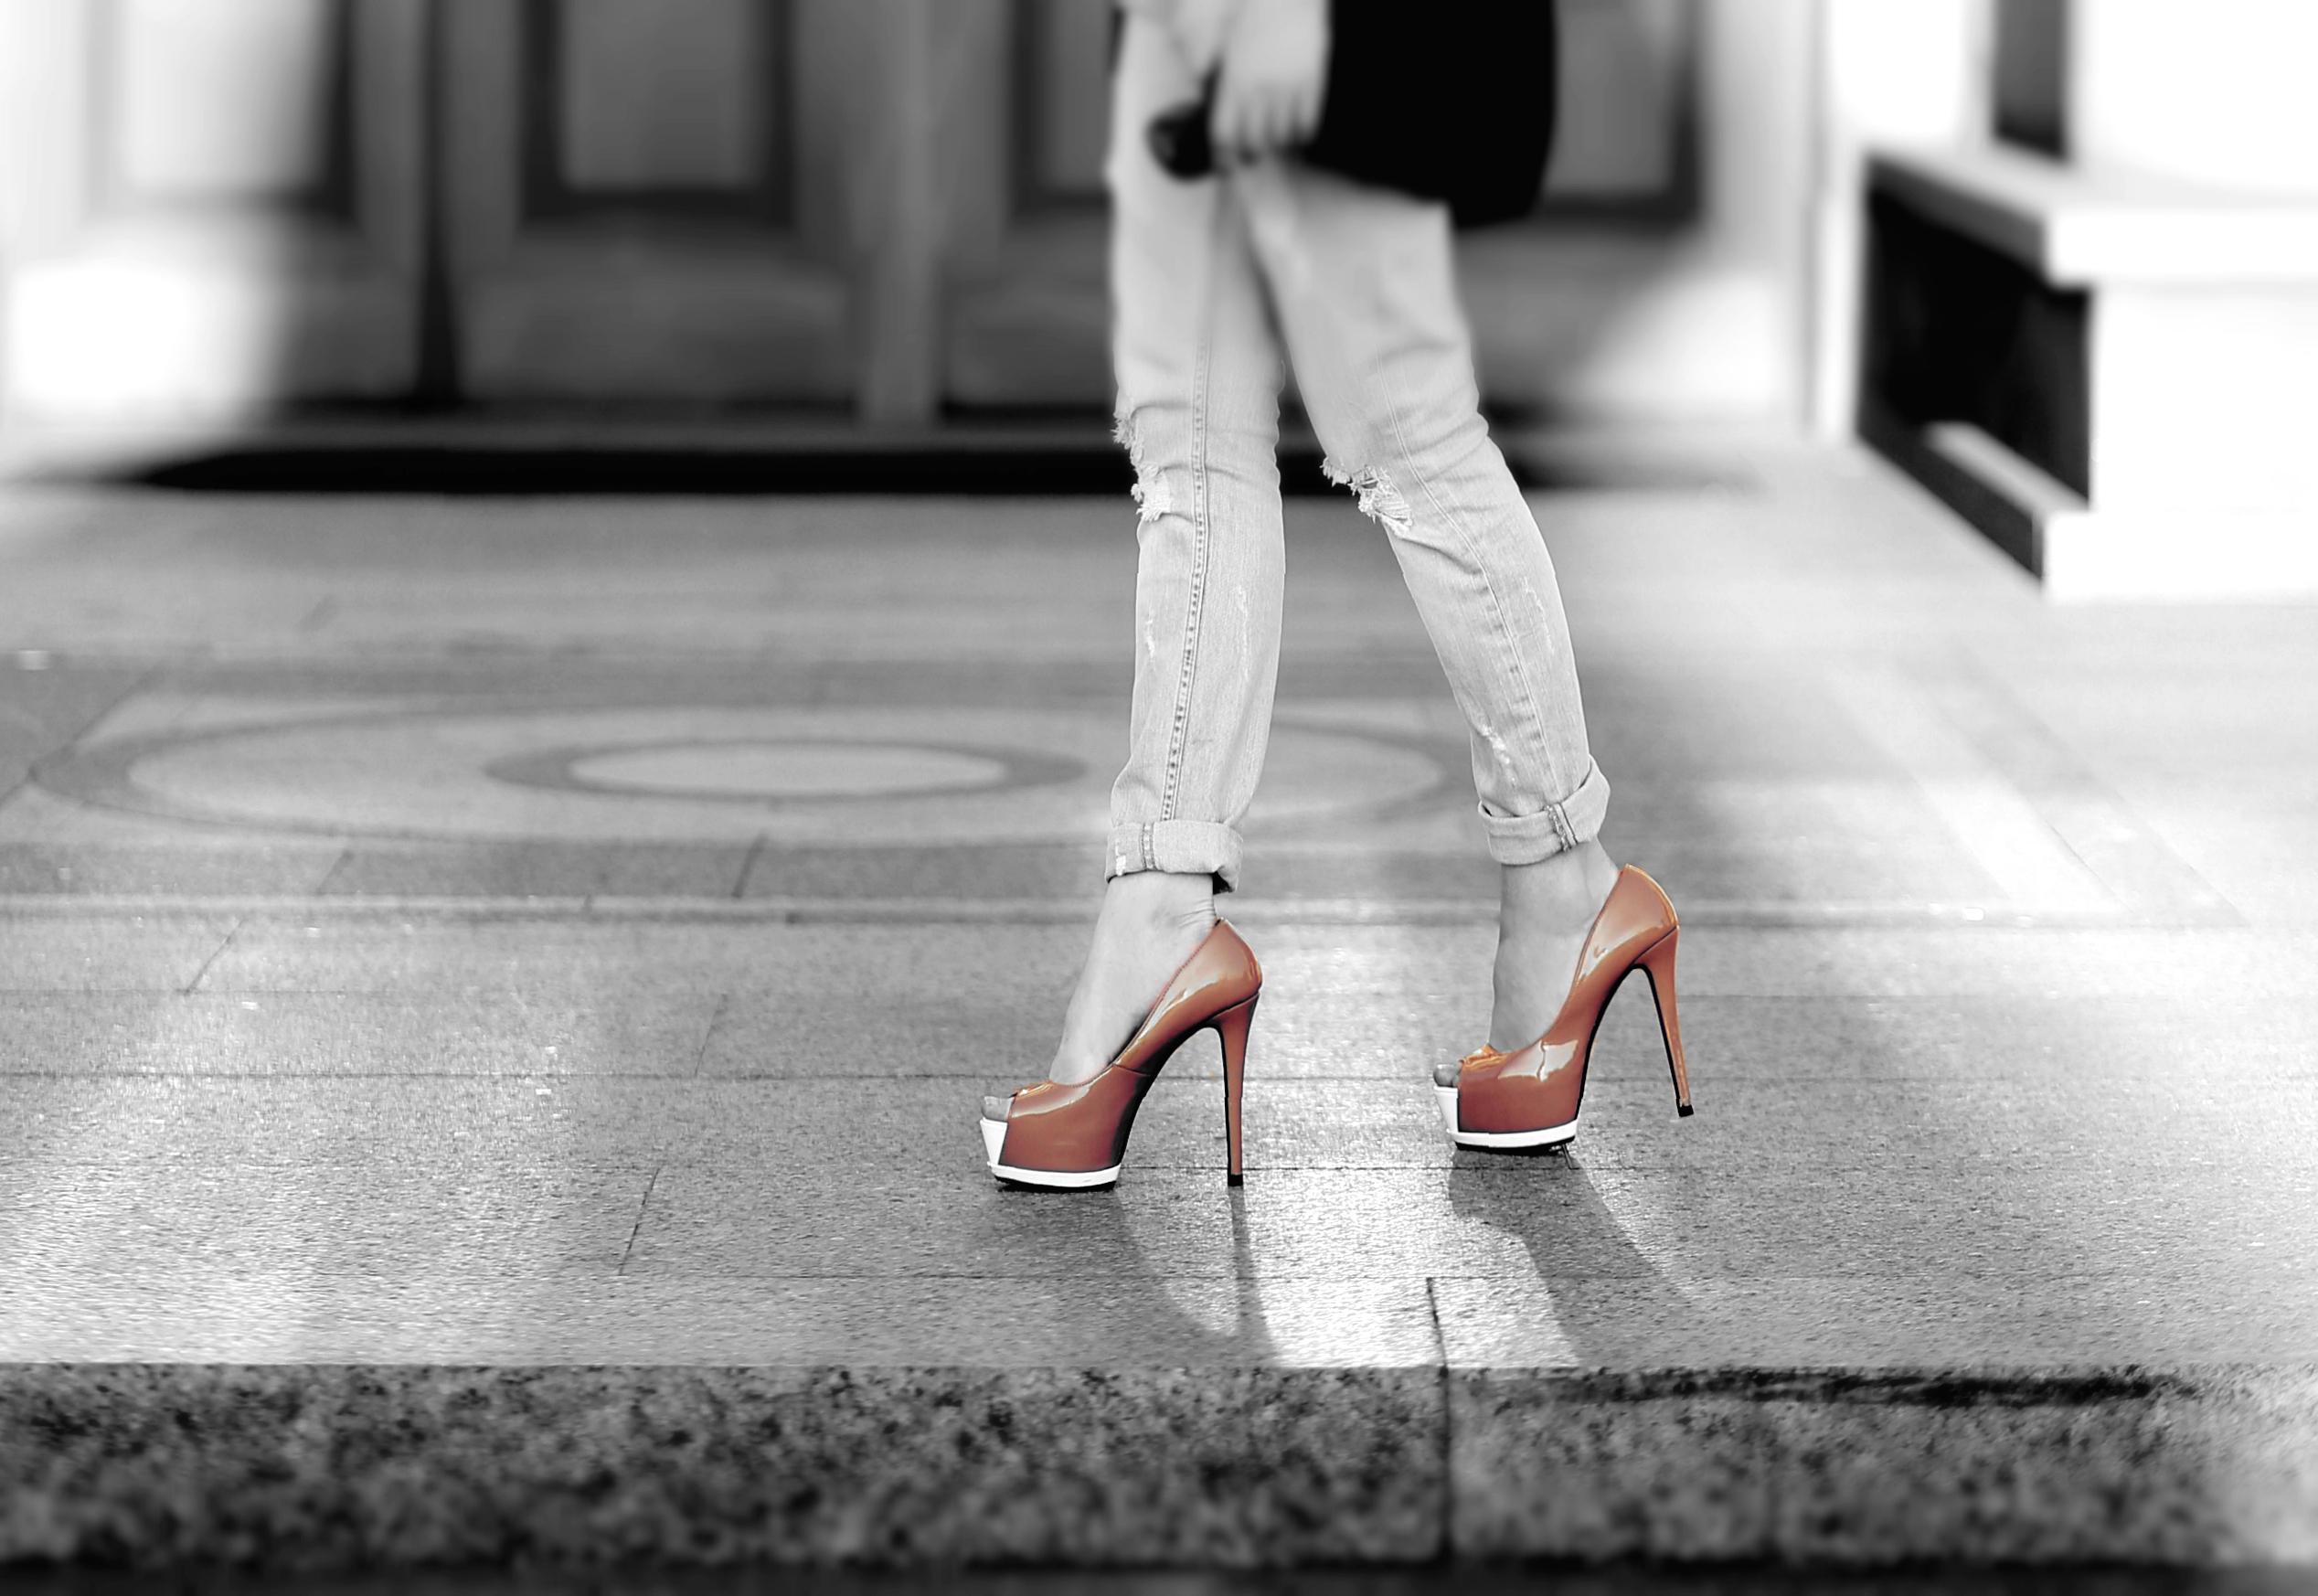 Фото в джинсах только ноги 6 фотография